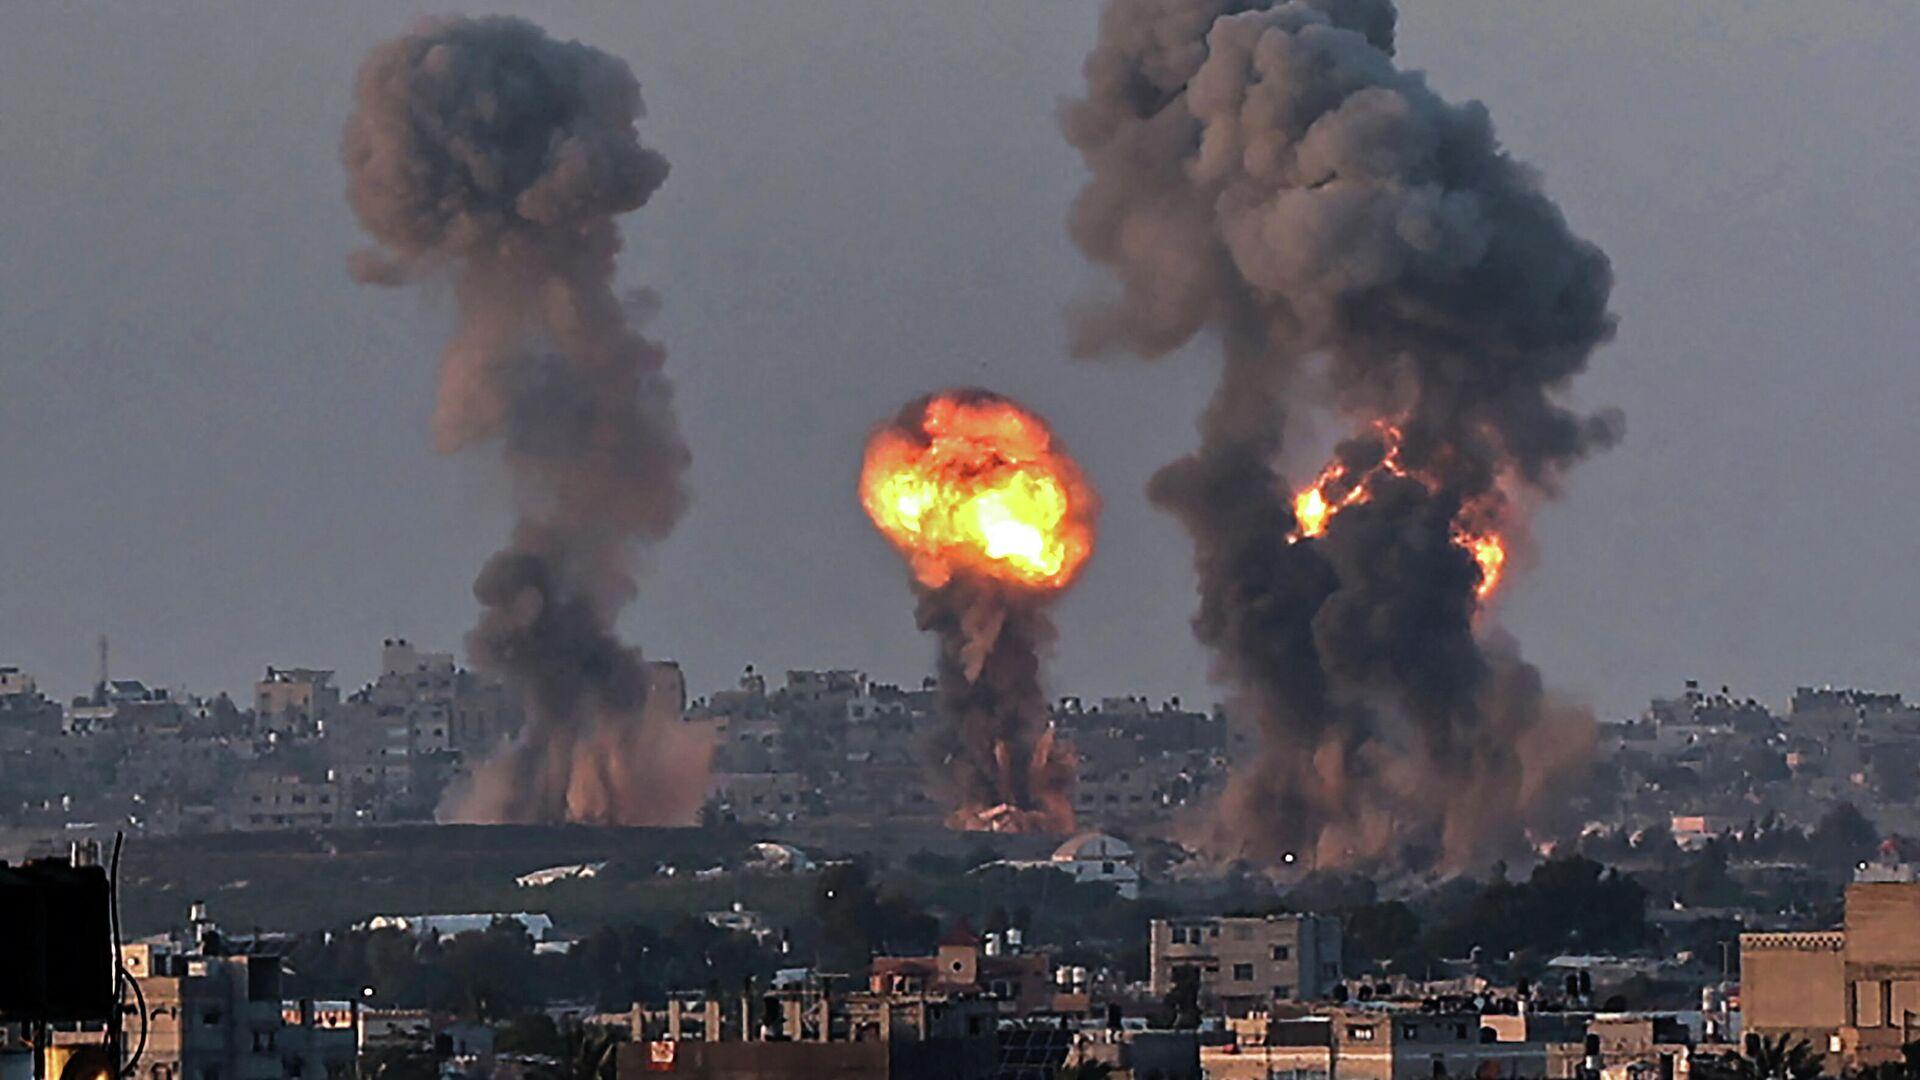 Todo lo que tienes que saber sobre la escalada del conflicto entre Israel y  Palestina - 12.05.2021, Sputnik Mundo